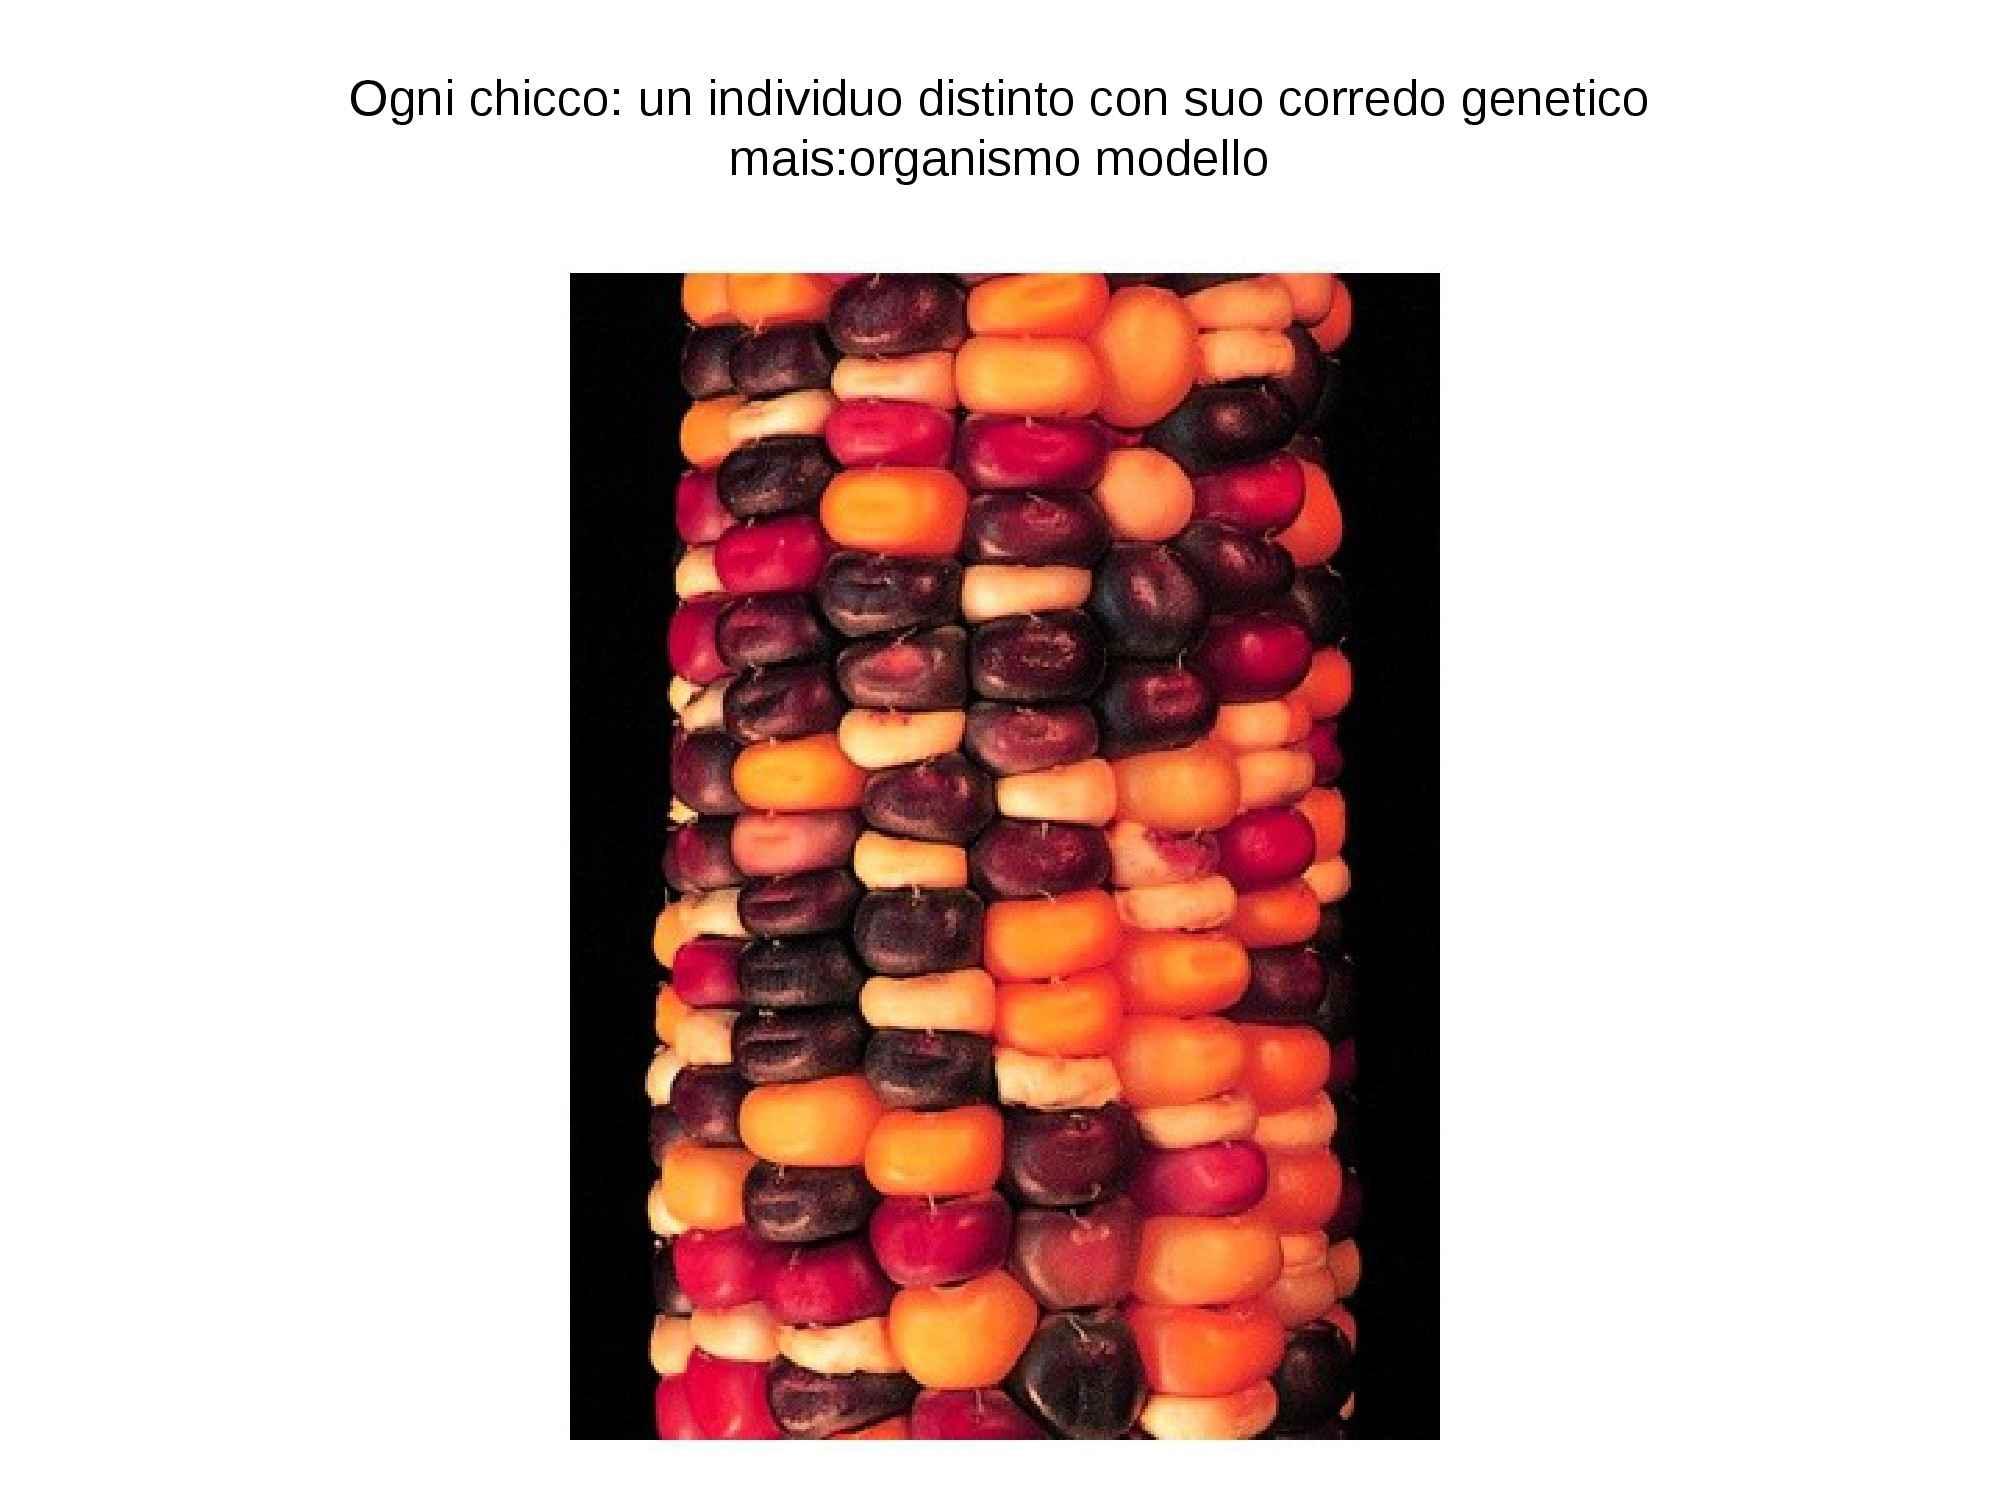 Polimorfismo e variabilità genetica